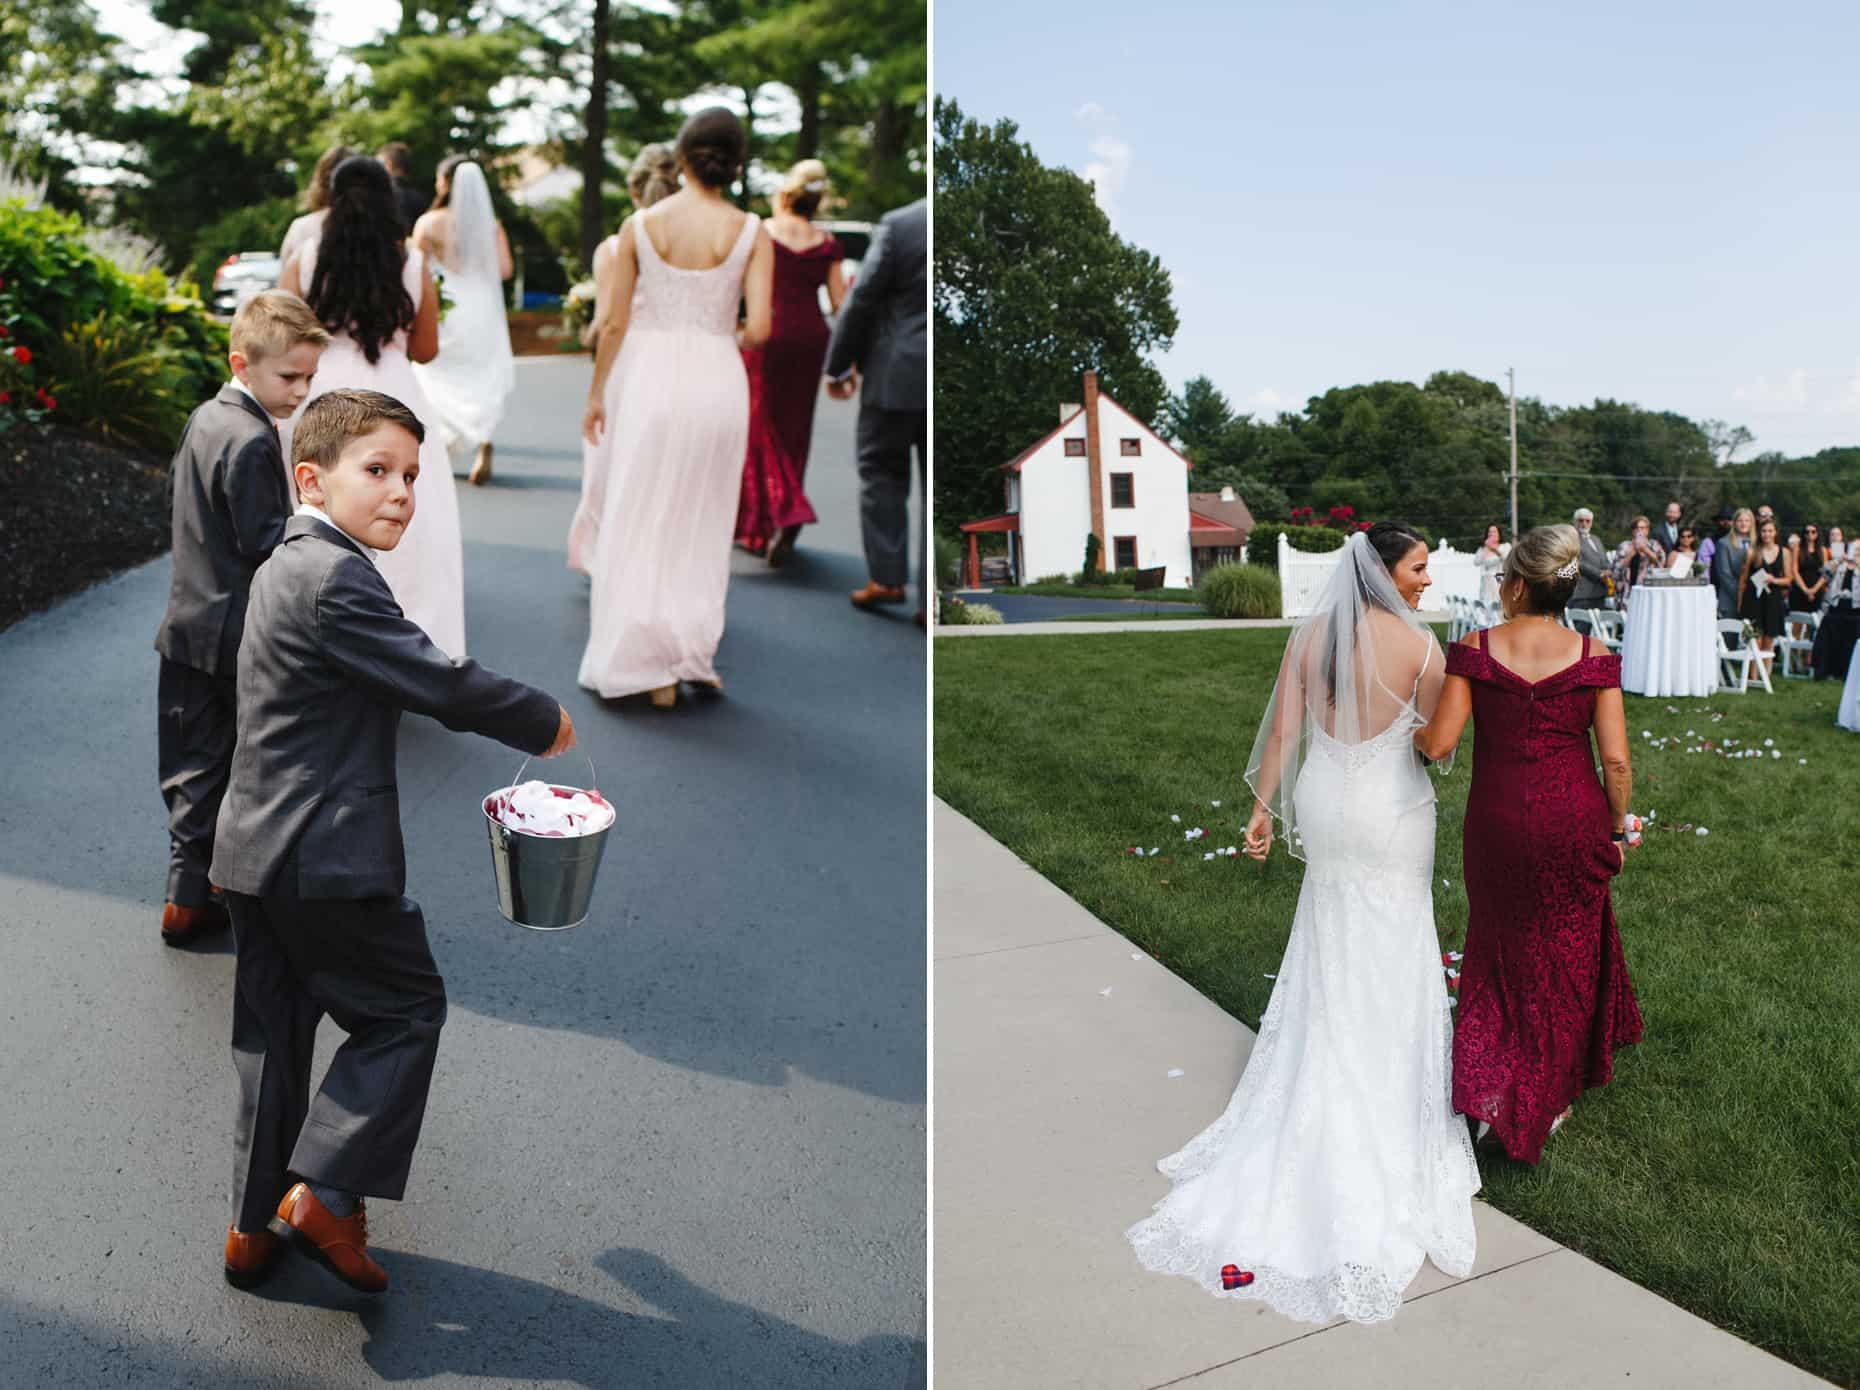 Robert Ryan wedding photos